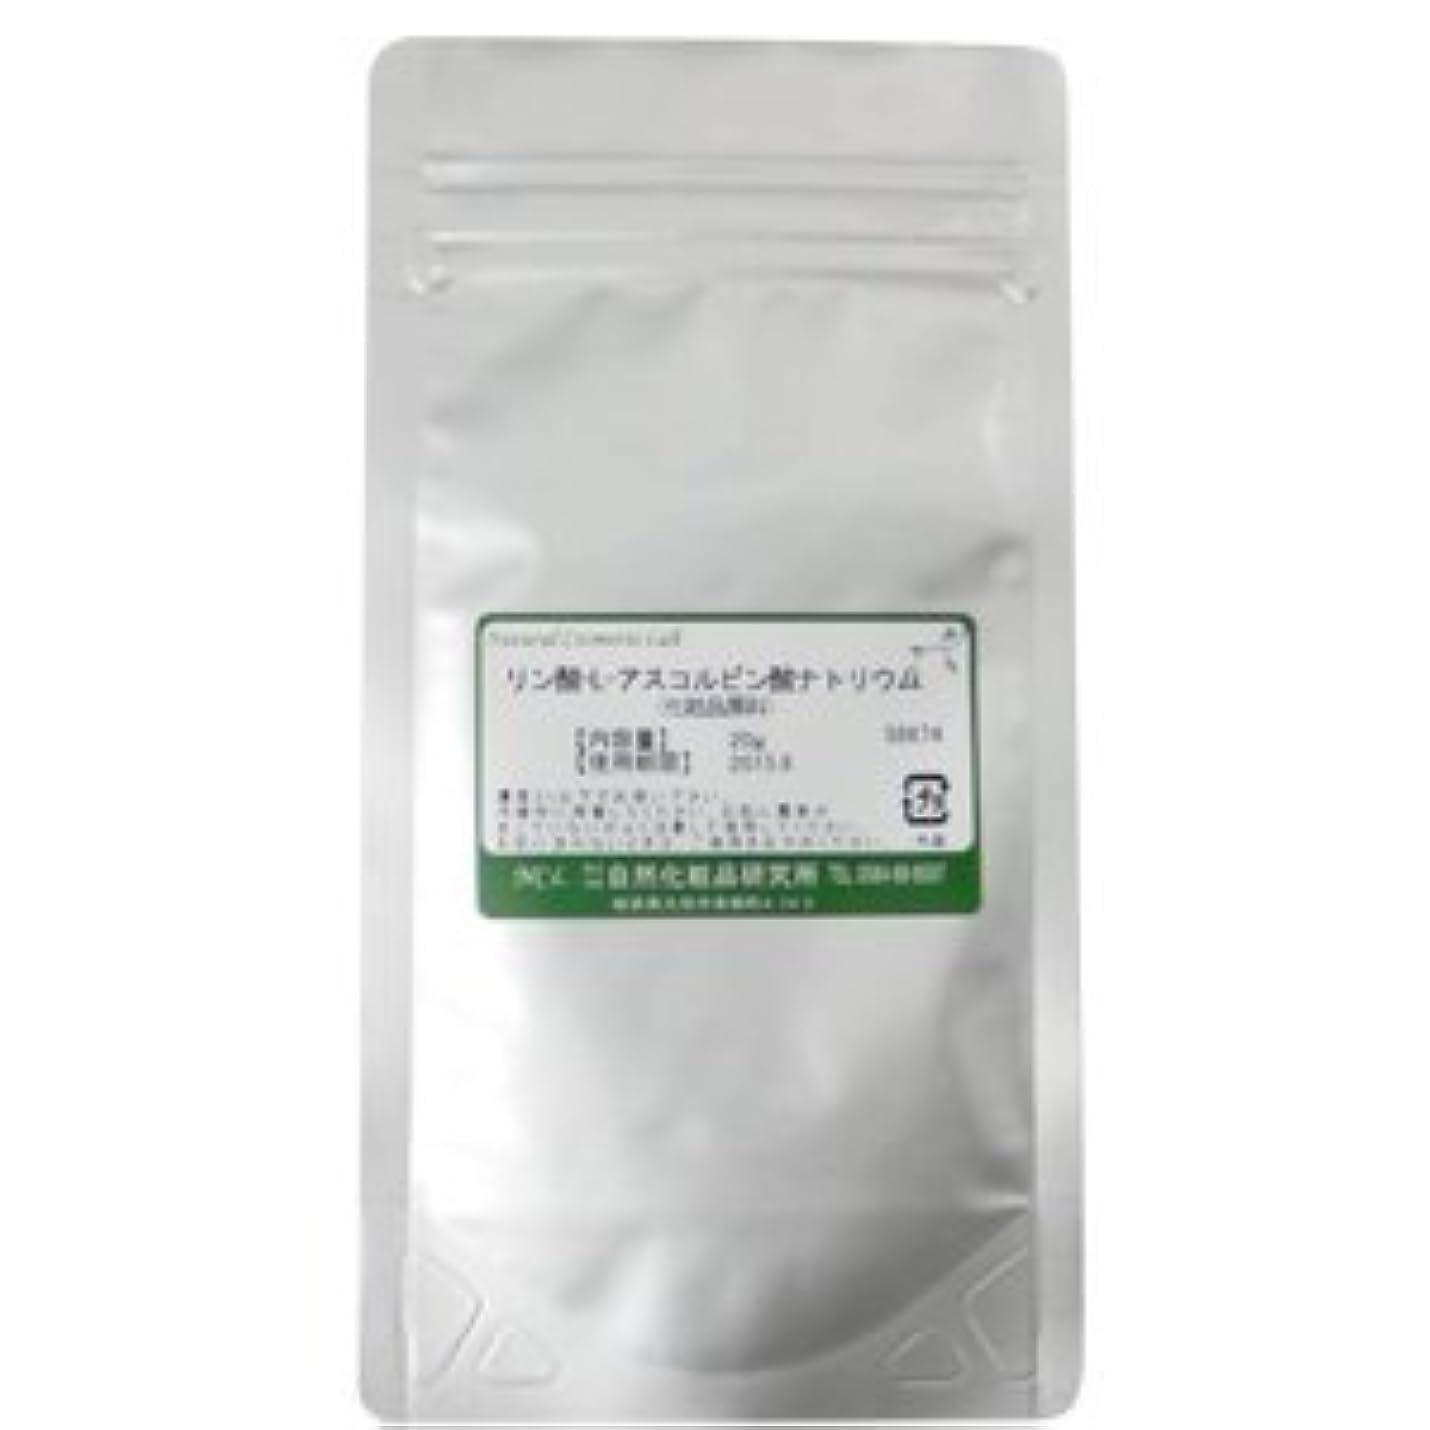 マラドロイト壮大な拘束ビタミンC誘導体 リン酸-L-アスコルビン酸ナトリウム 化粧品原料 20g